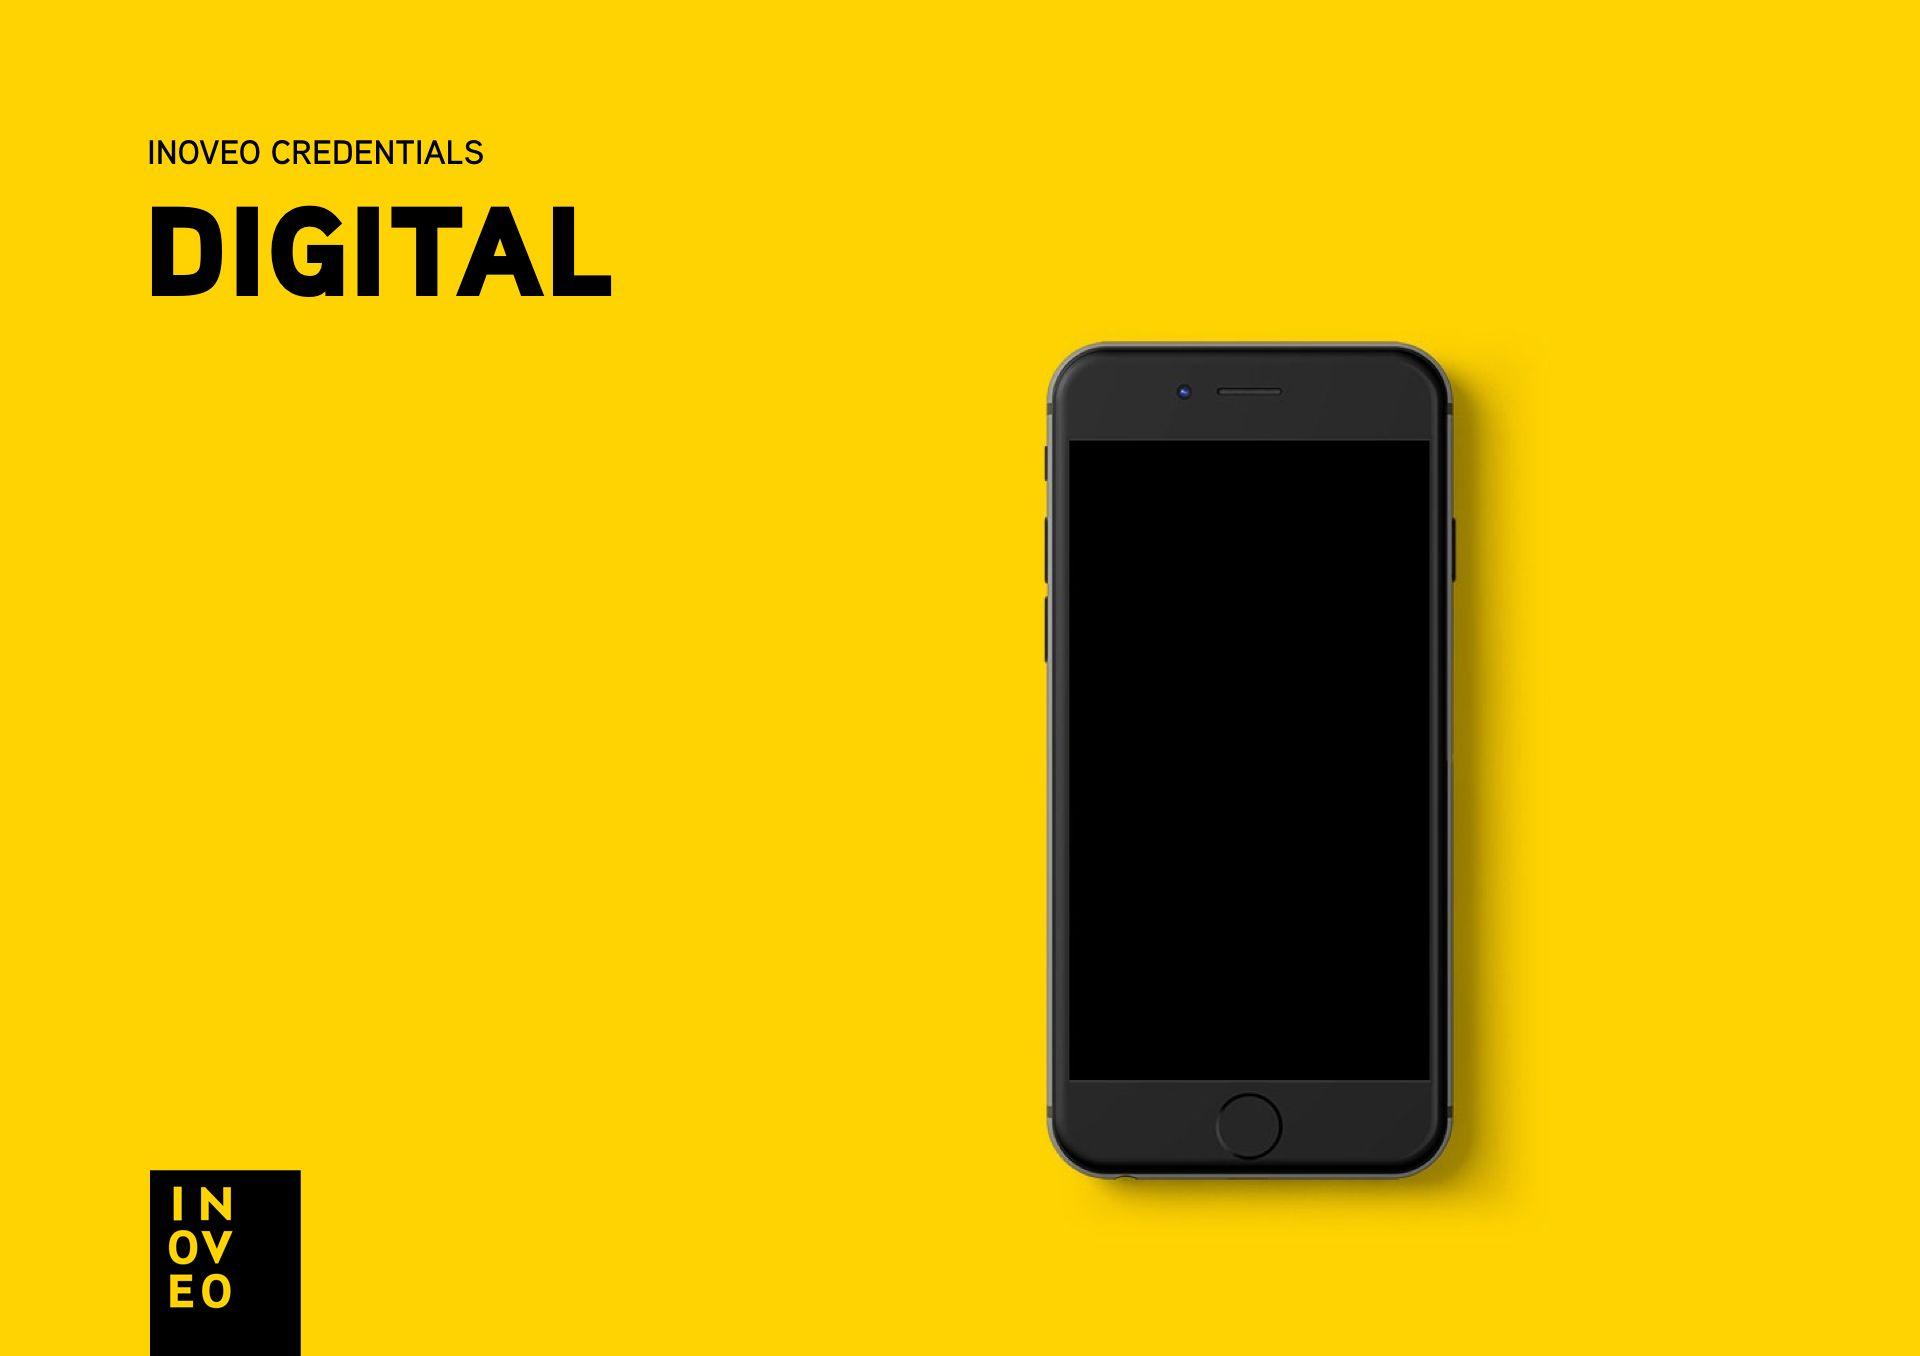 digital credentials INOVEO branding